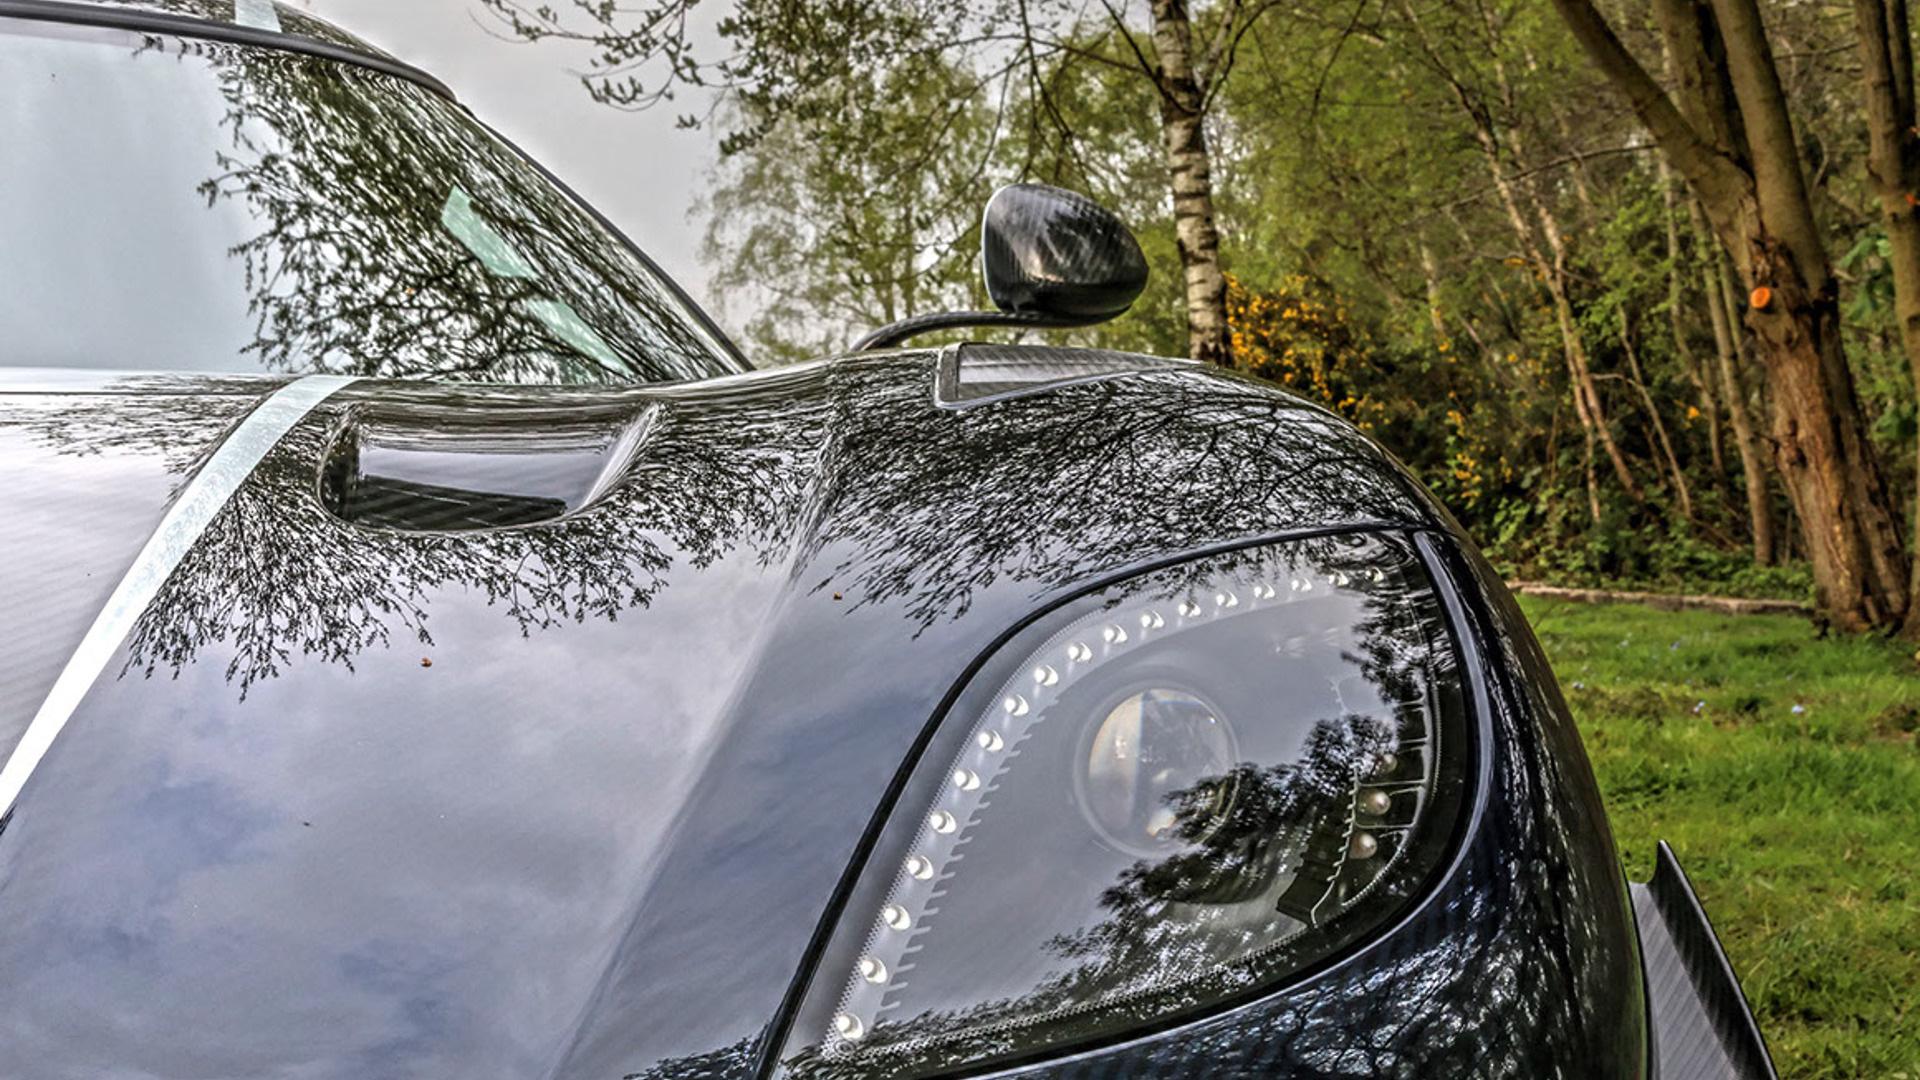 Cận cảnh siêu xe cũ rao bán giá hơn trăm tỷ đồng - Ảnh 16.